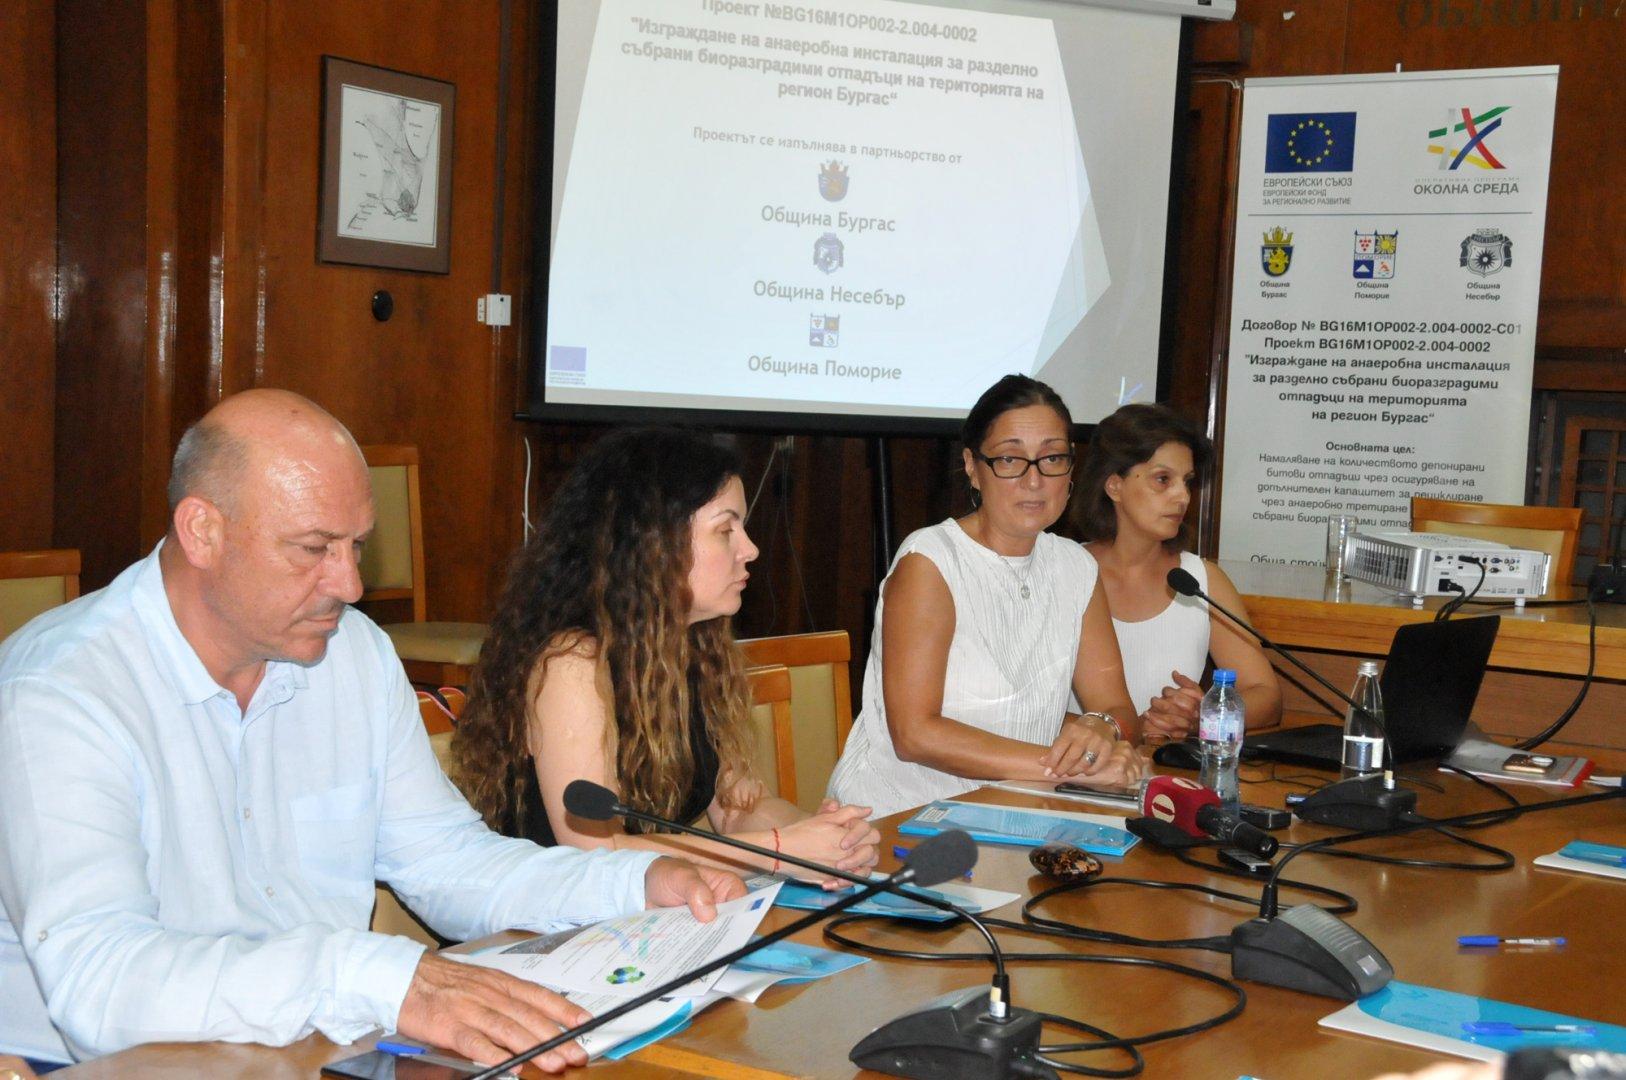 Зам.-кметът Руска Бояджиева (втората отдясно наляво) разясни ползите от проекта. Снимка Лина Главинова